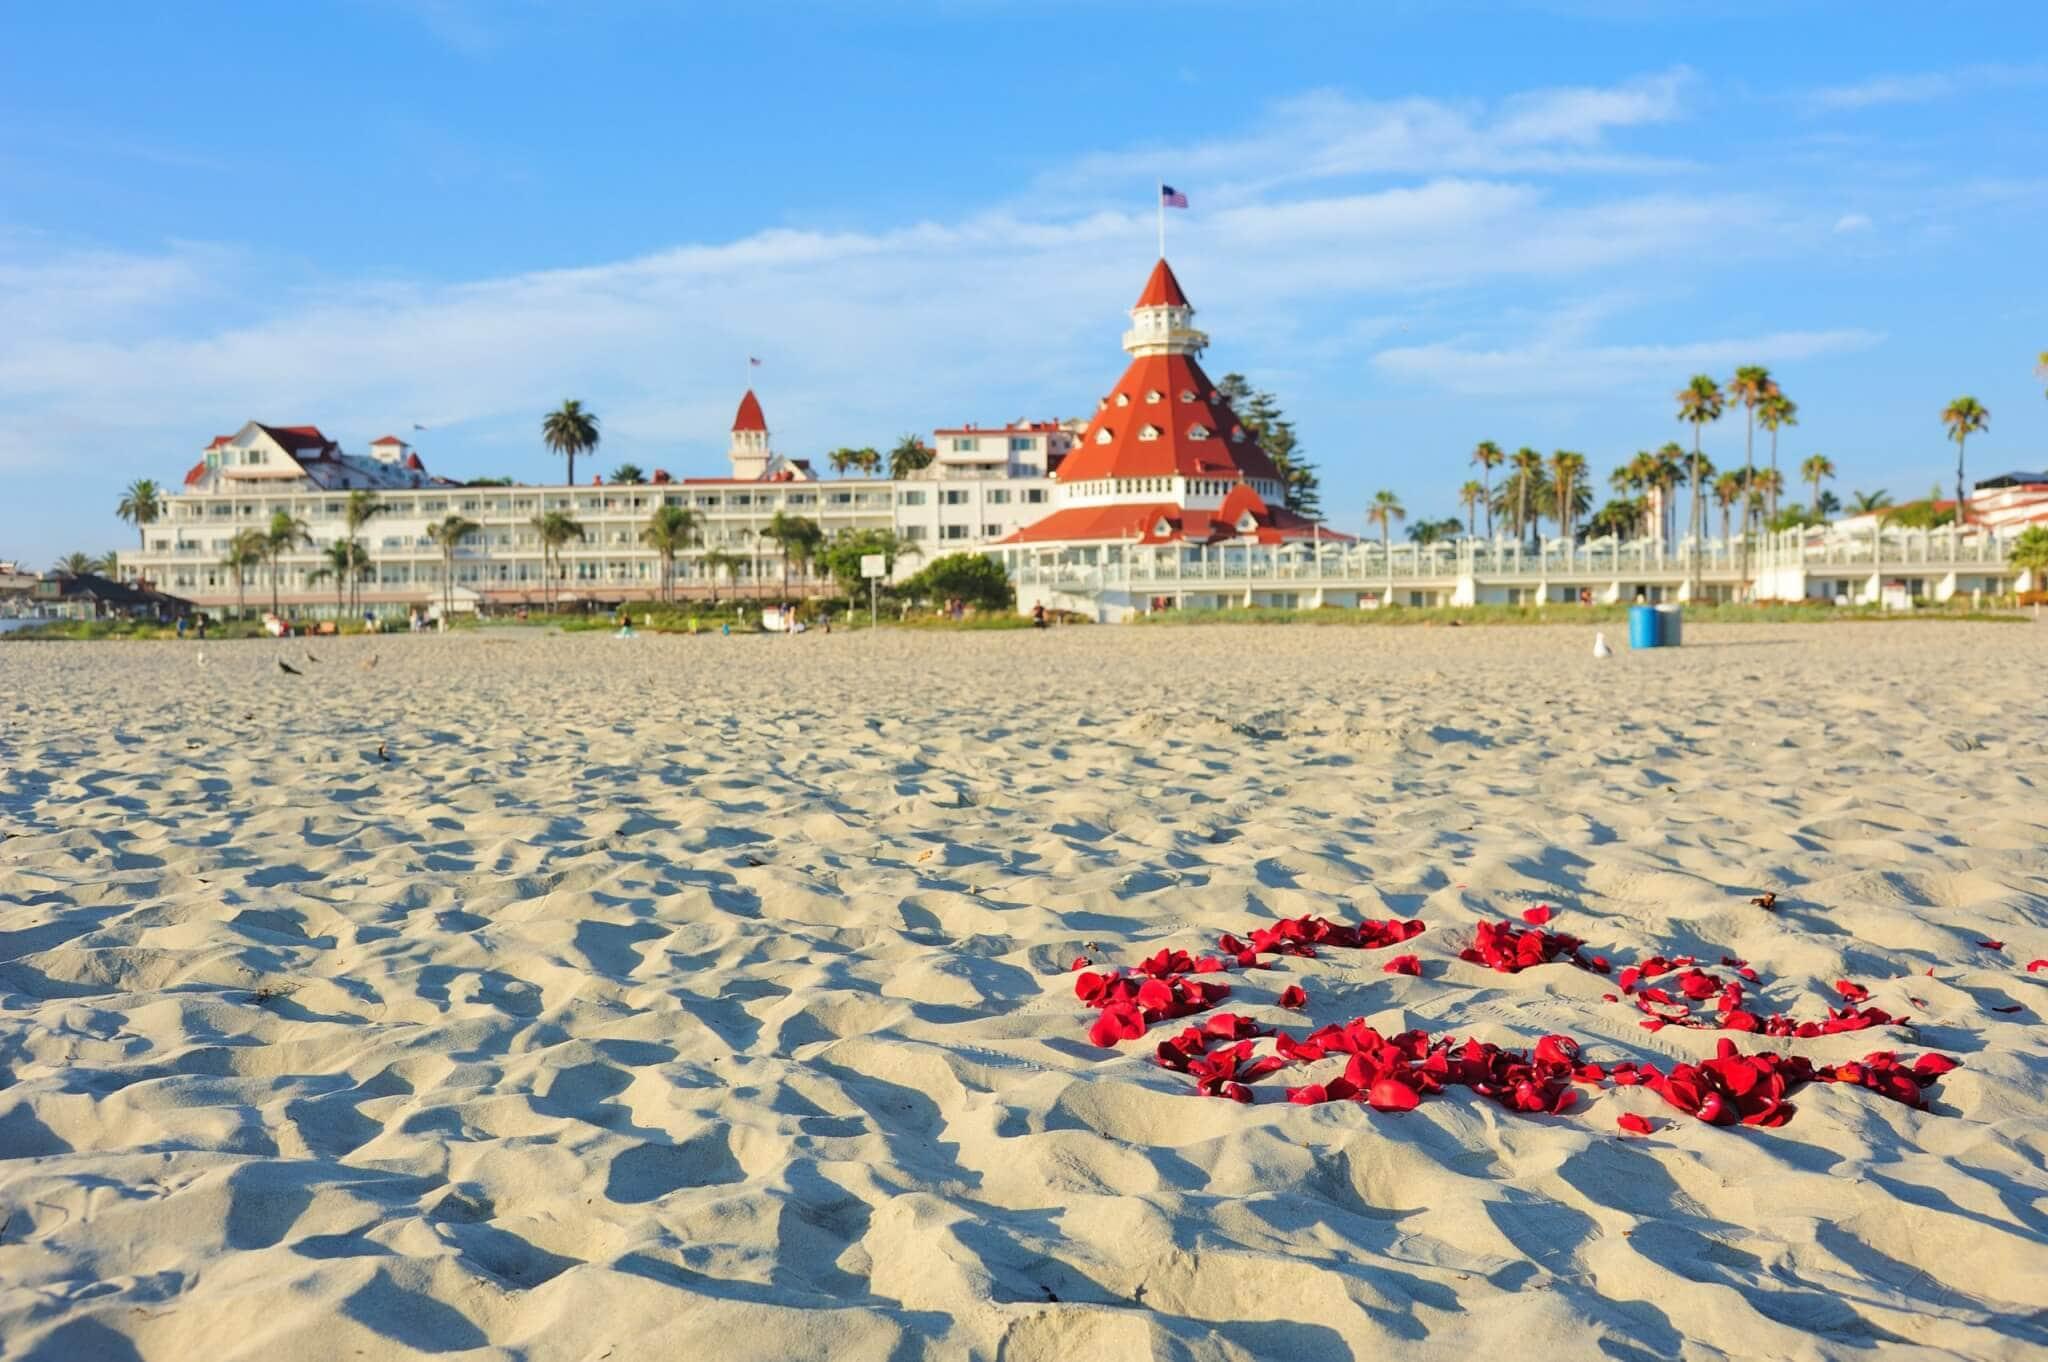 rose petals on beach in Coronado, CA